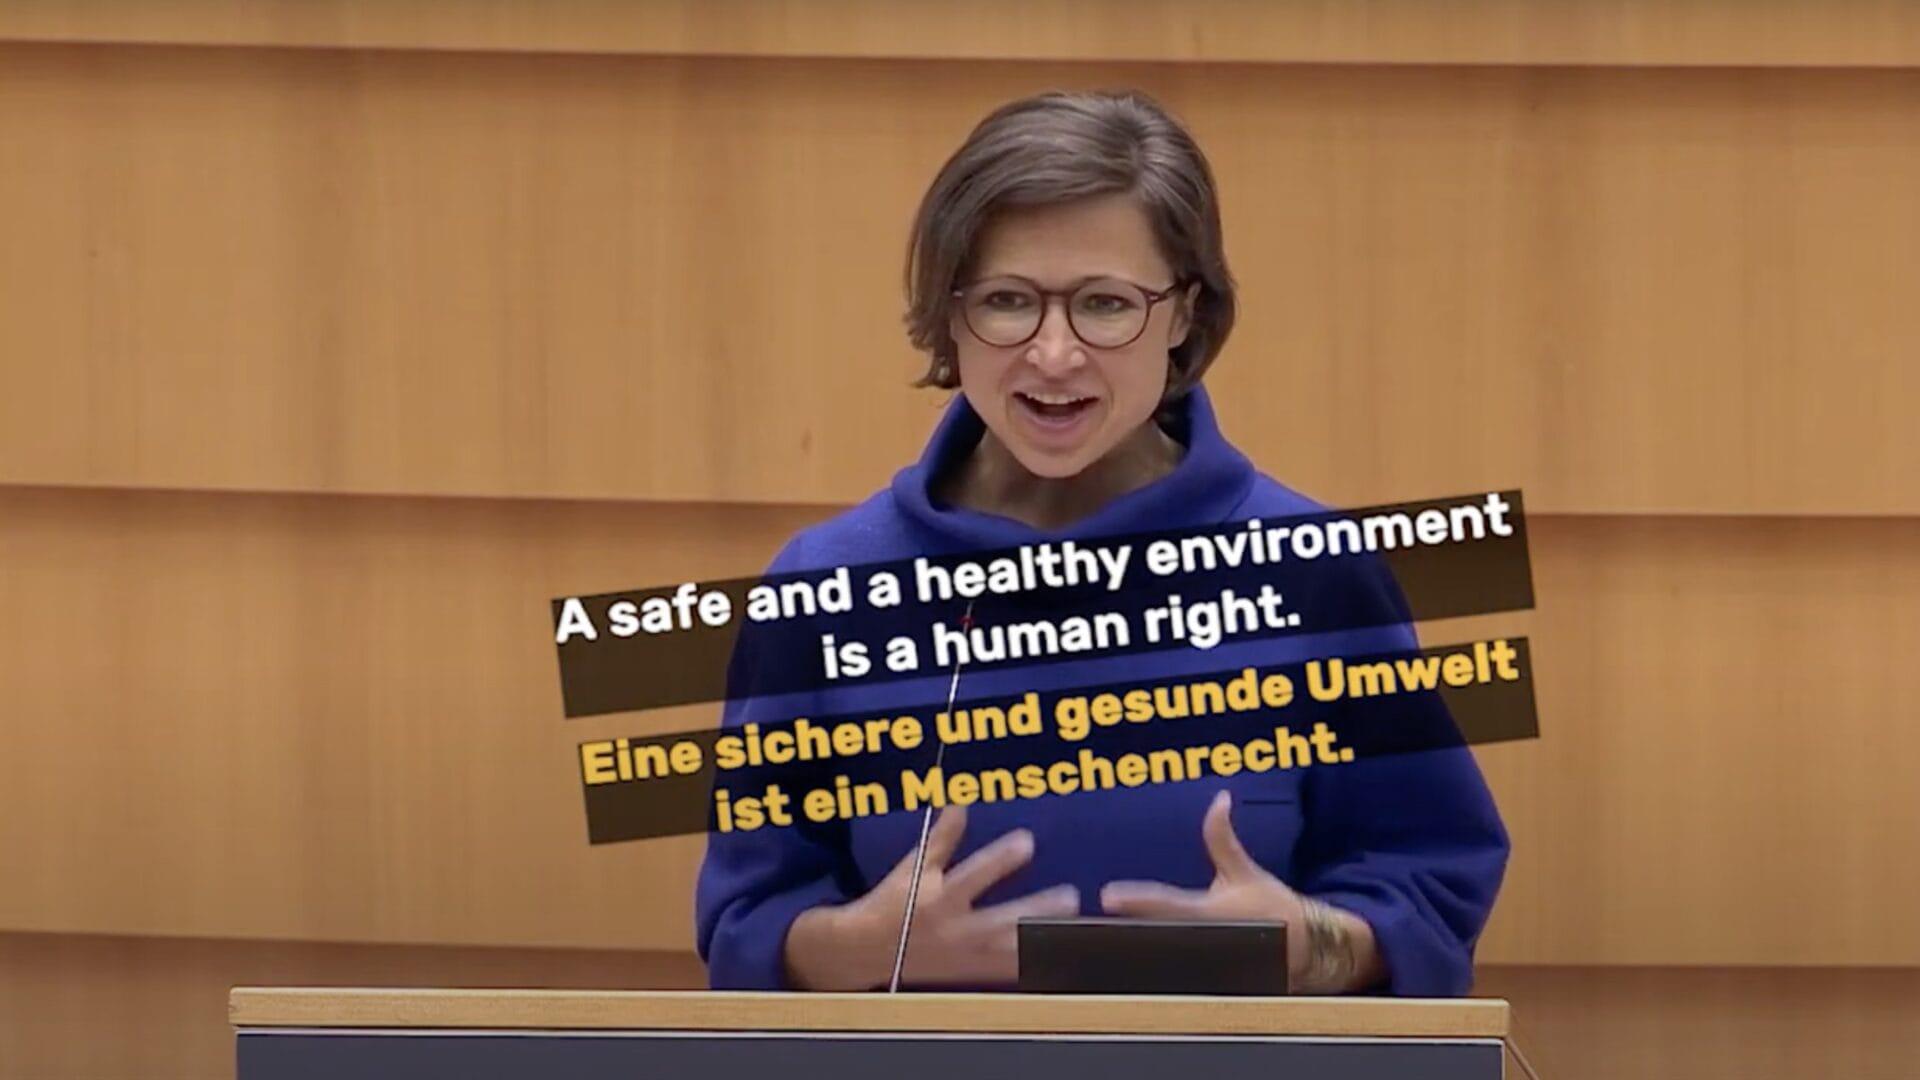 """Report zu """"Klima & Menschenrechten"""" und der Fall Steven Donziger, WDR-Europaforum und das Investitionsabkommen mit China: Mein Monthly"""